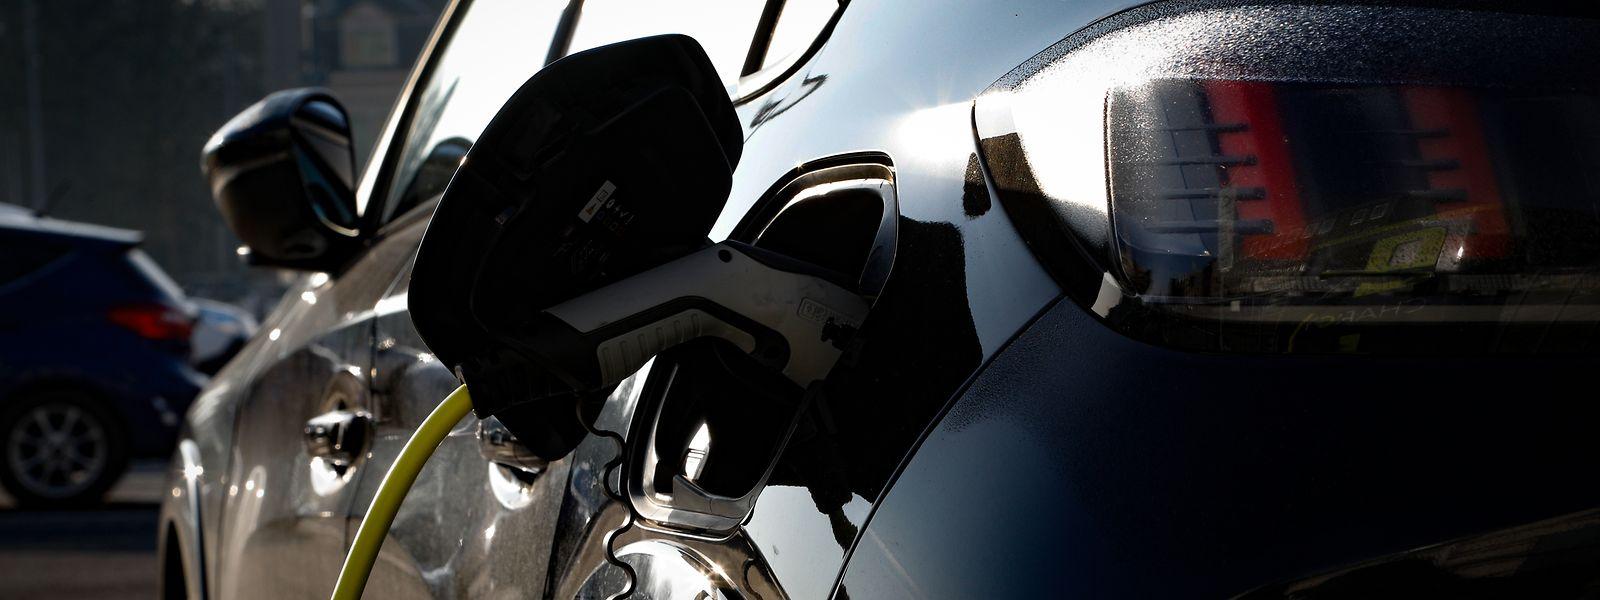 Outre le parc automobile, le gouvernement entend favoriser l'électrification des transports en commun d'ici 2025.